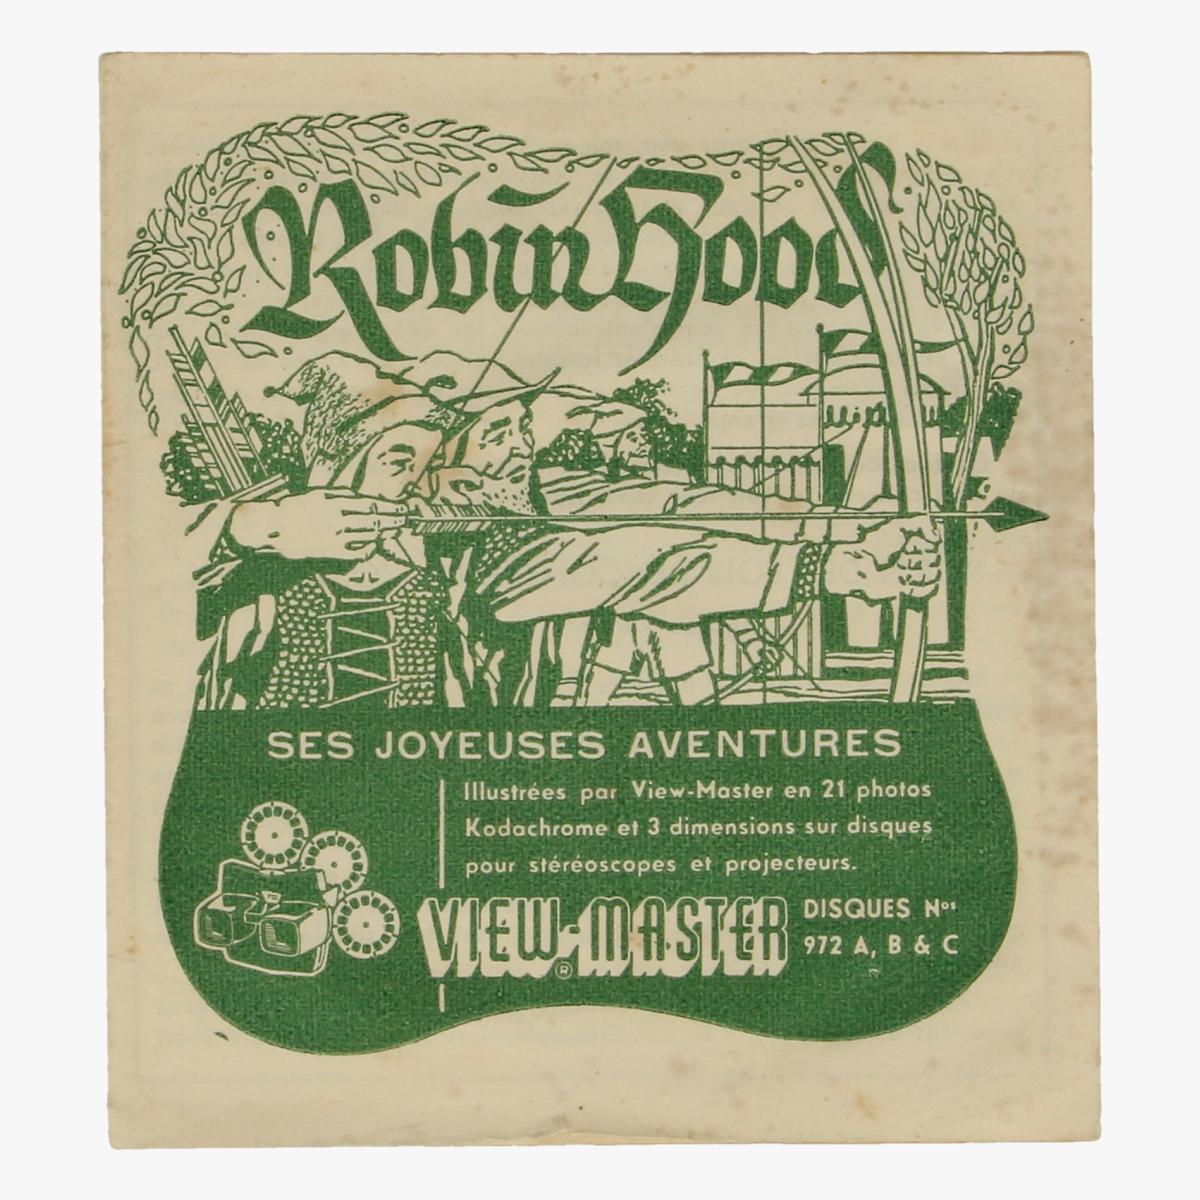 Afbeeldingen van View-Master Robin Hood. vertelboekje Ses Joyeuses aventures. Nr. 972 A,B & C.